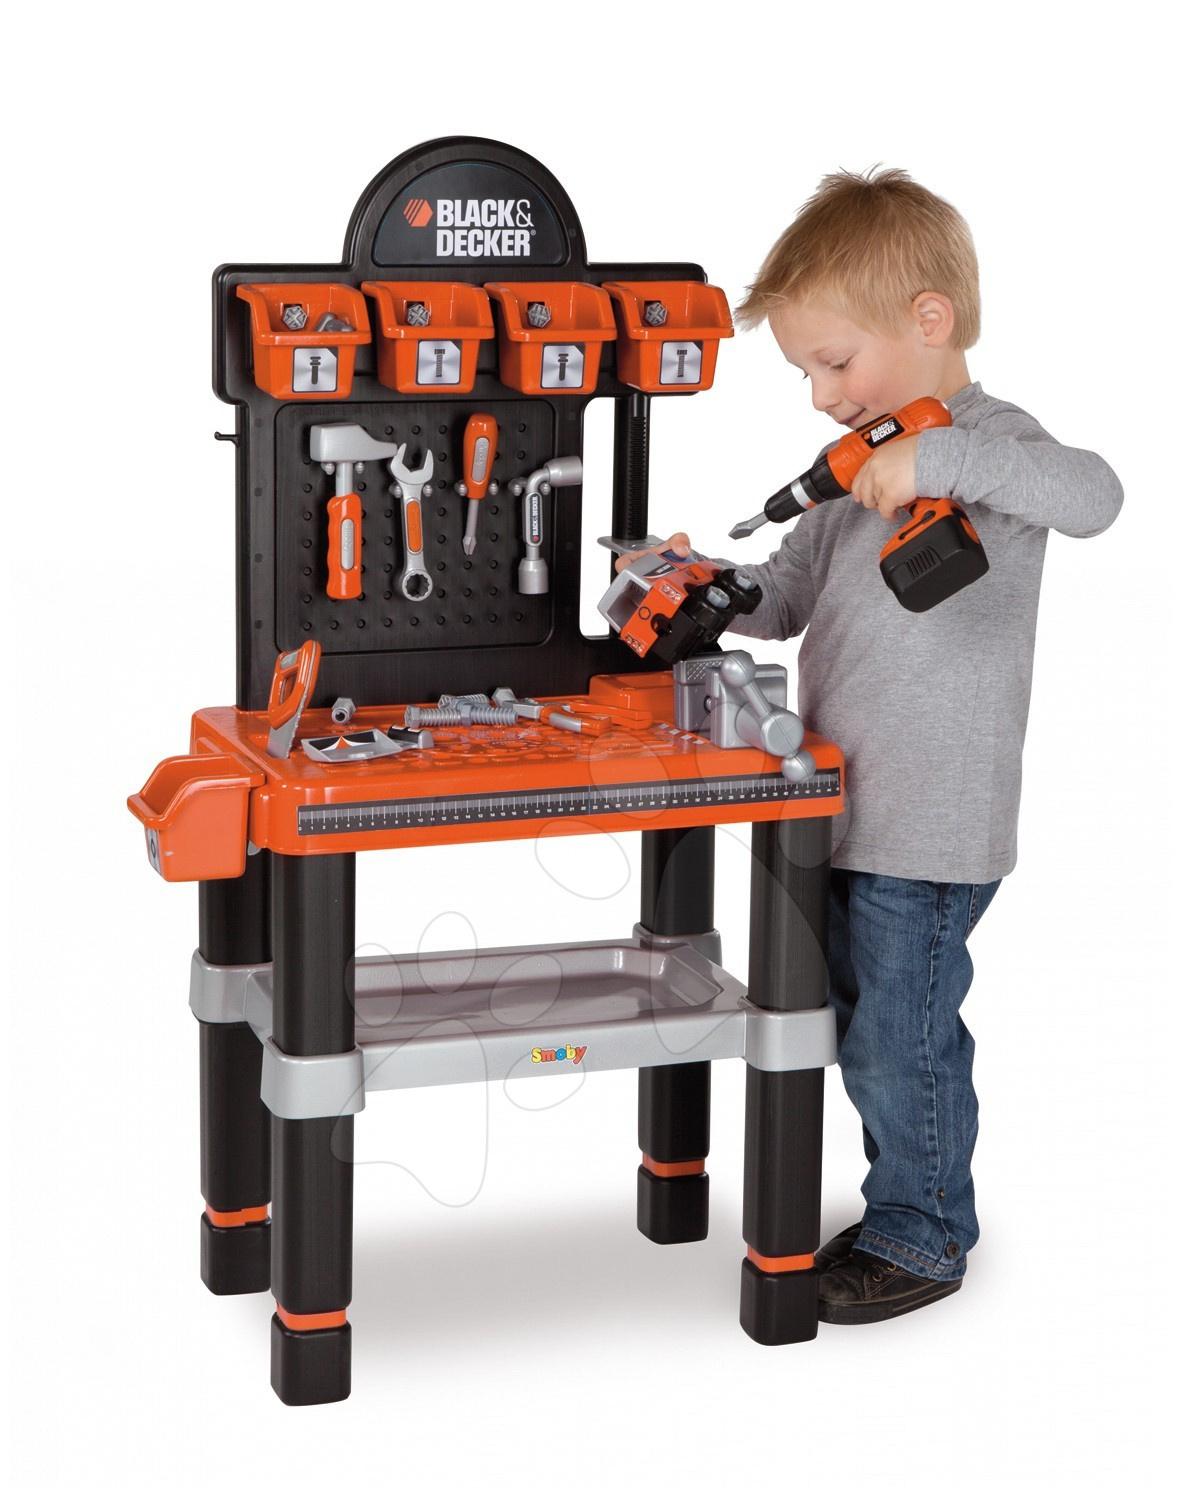 Pracovní dětská dílna - Pracovní dílna Black & Decker Bricolo Center Smoby s mechanickou vrtačkou, autíčkem a 60 doplňky